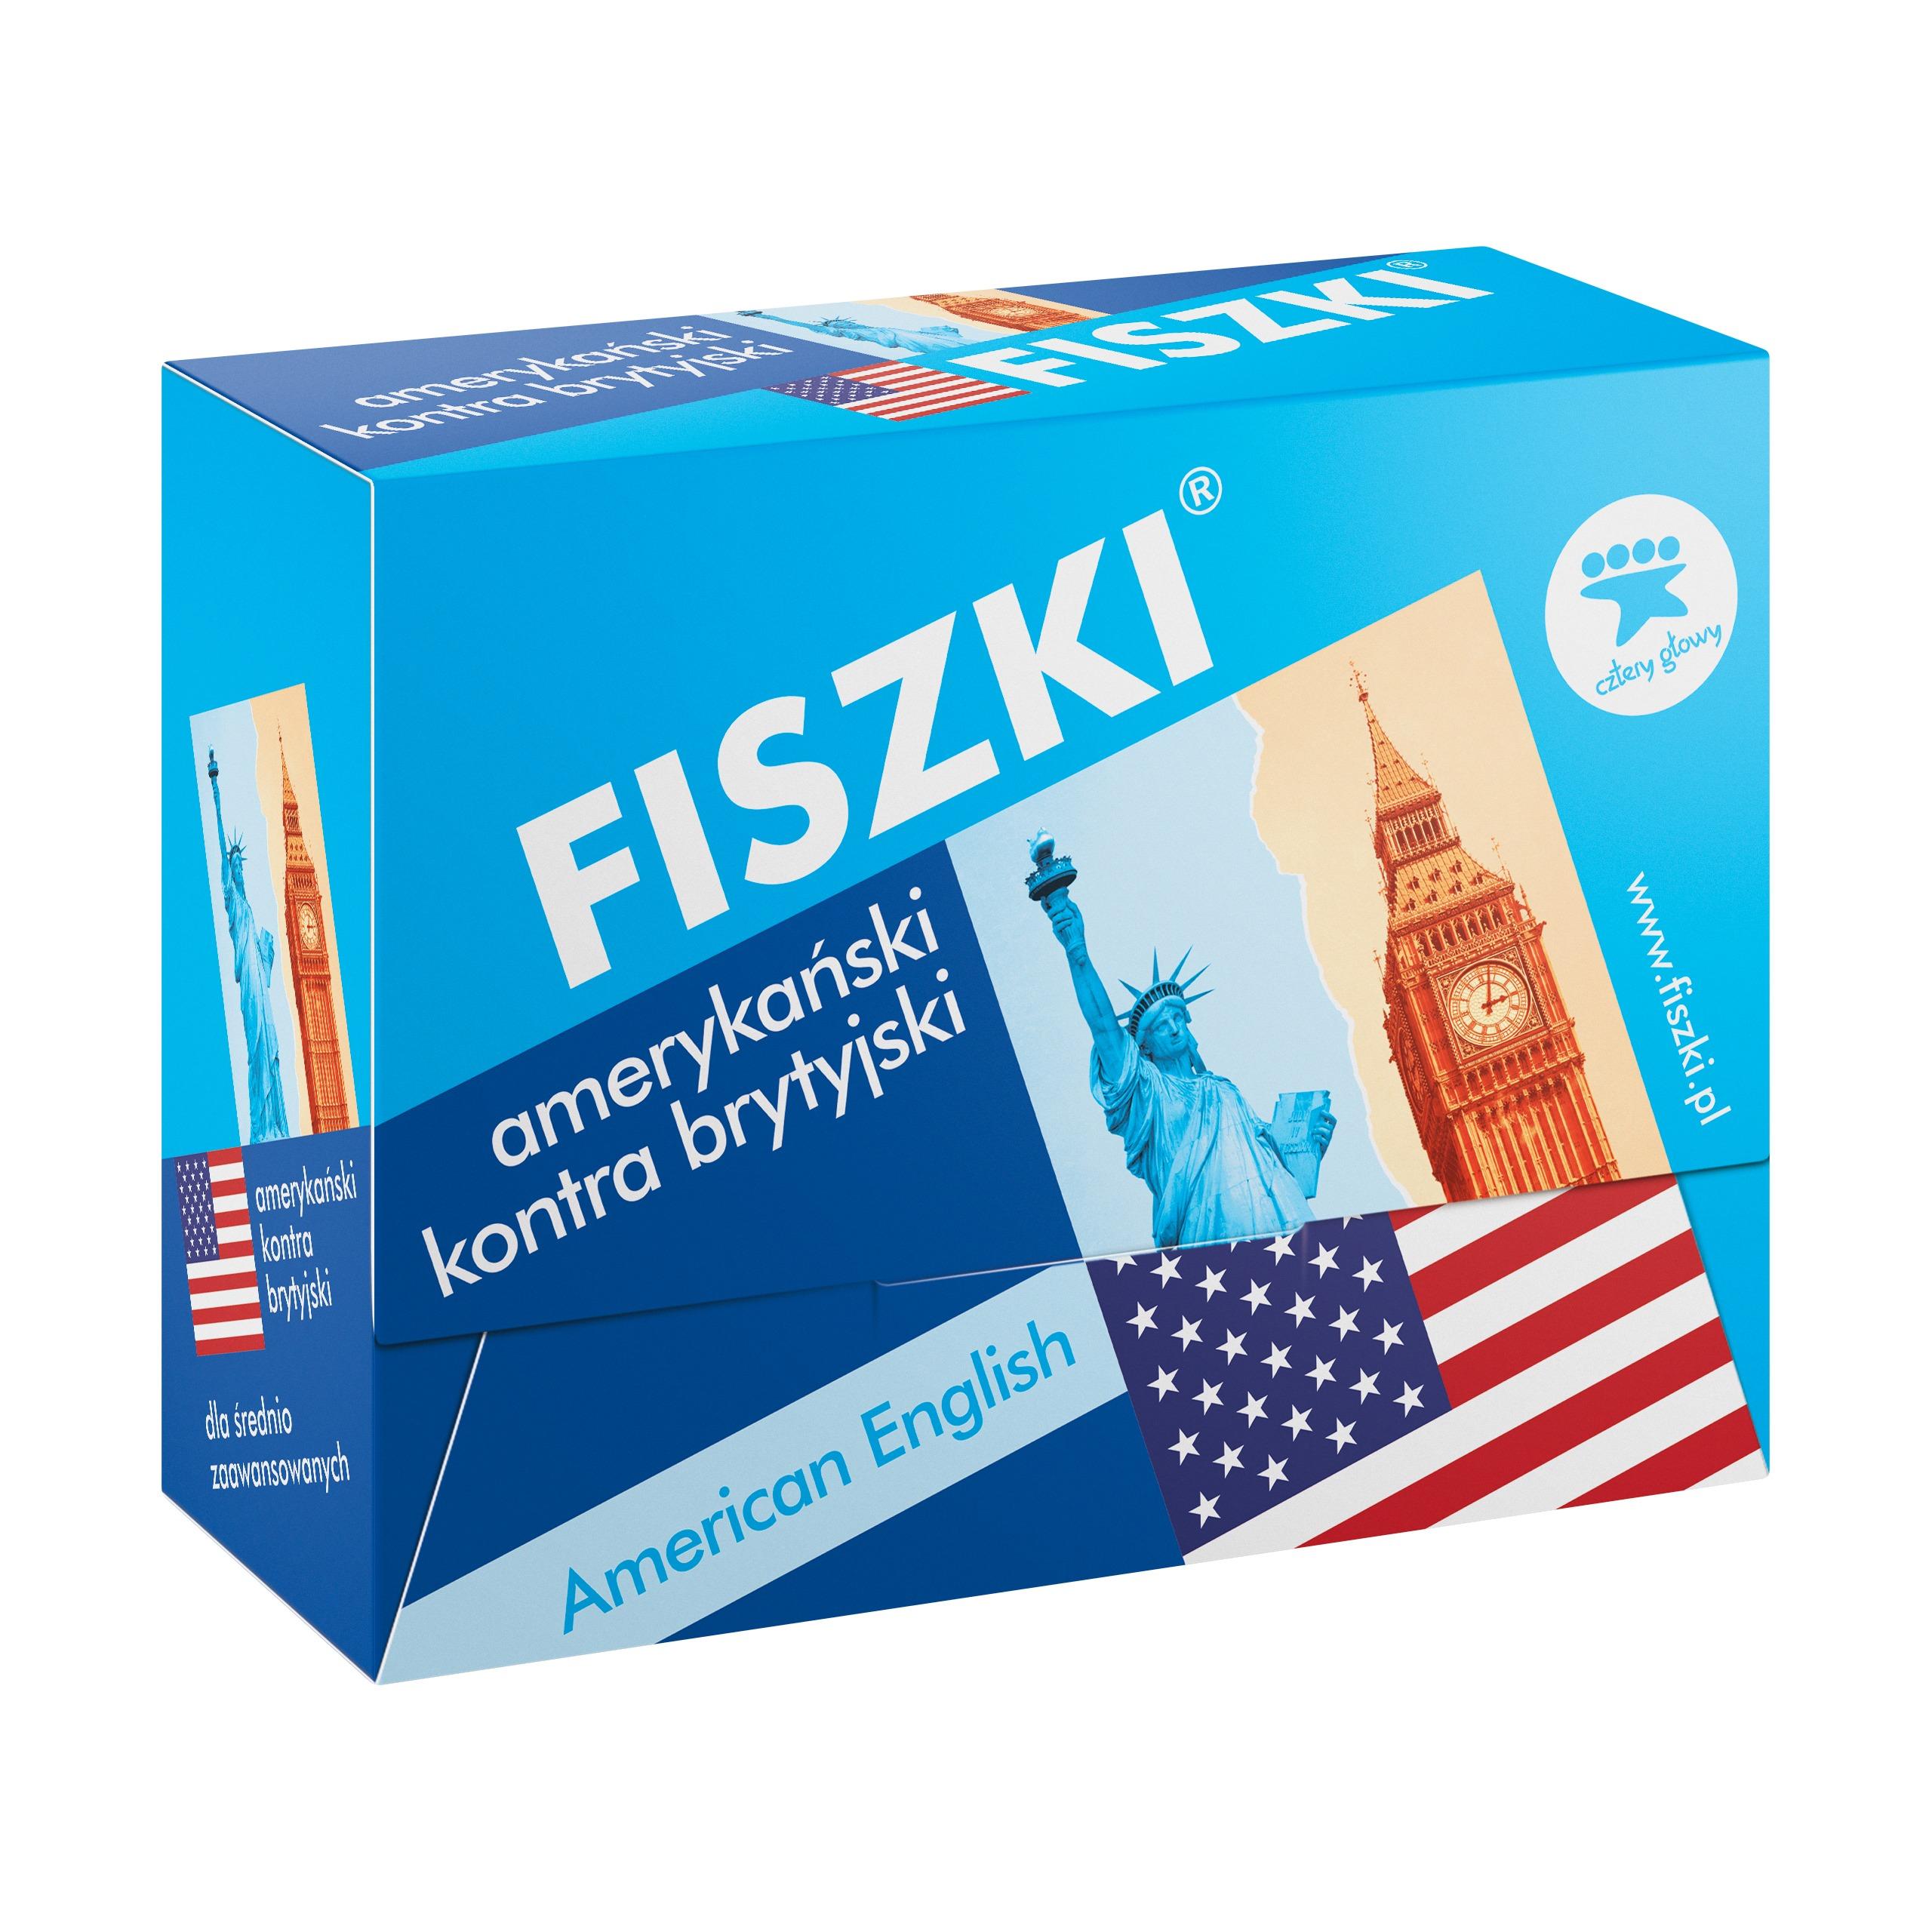 FISZKI - angielski - Amerykański kontra brytyjski